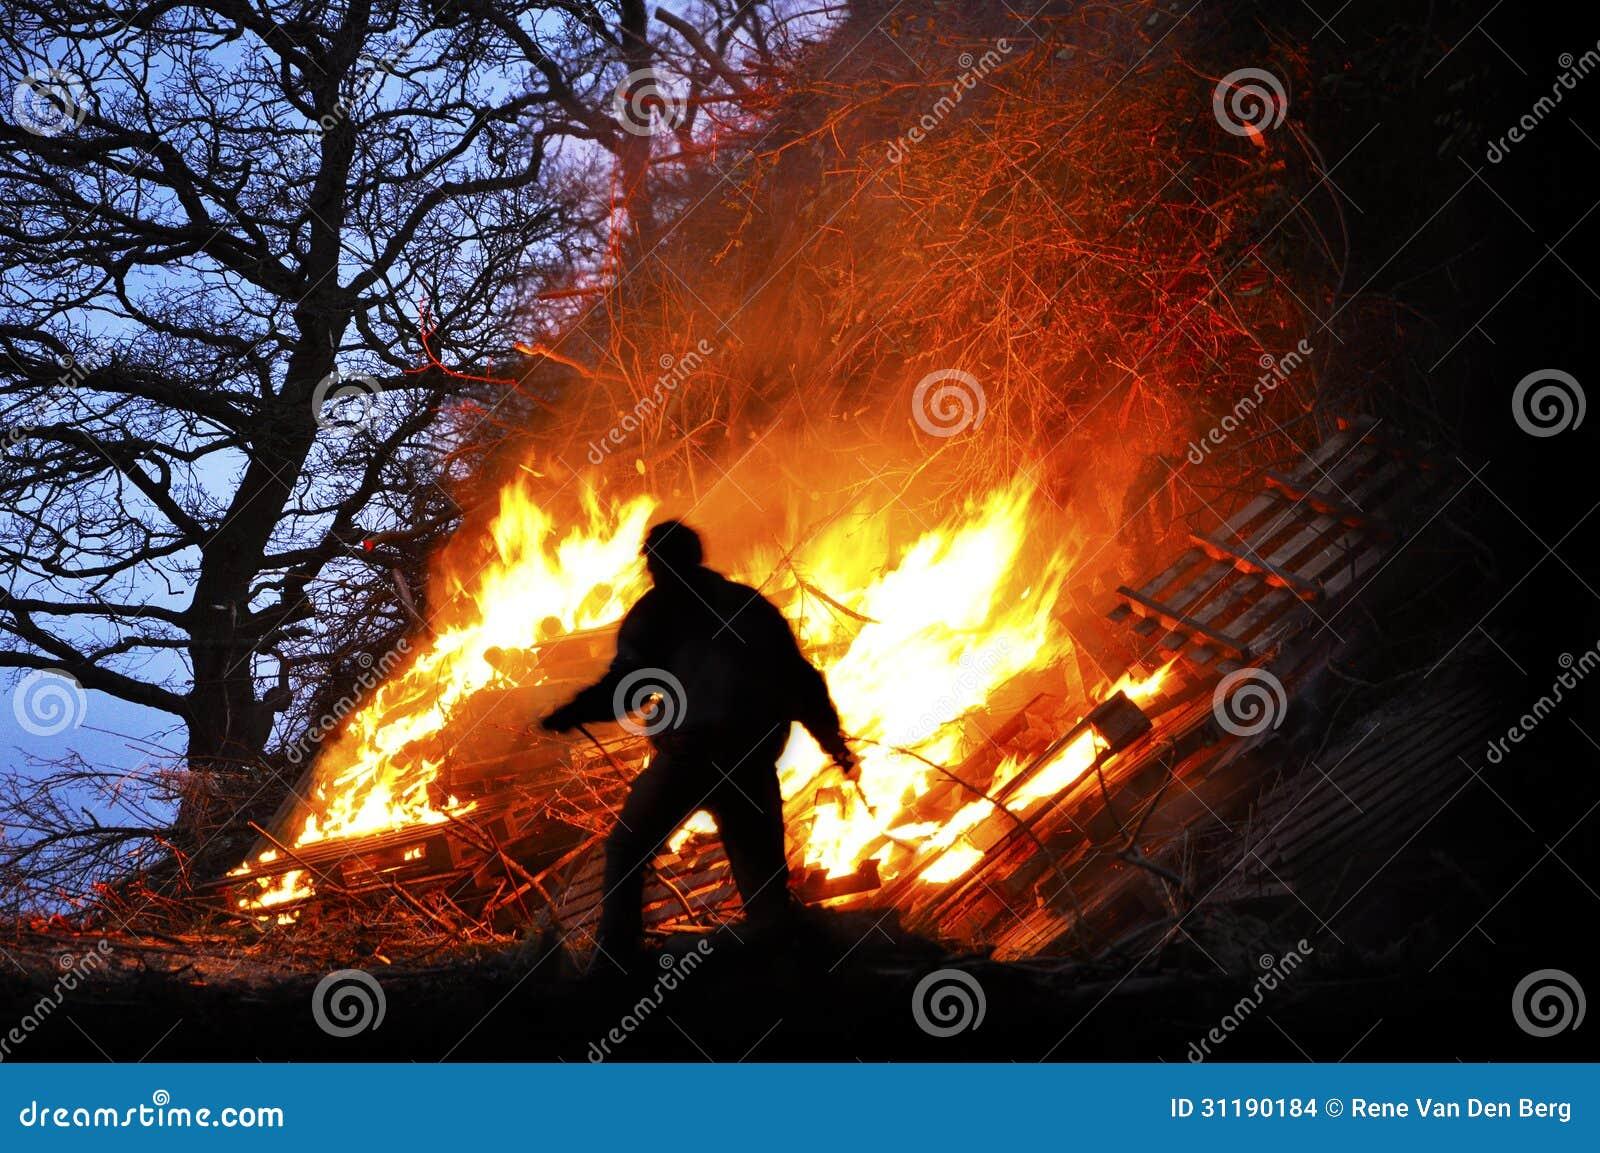 Bonfire Stock Images - Image: 31190184